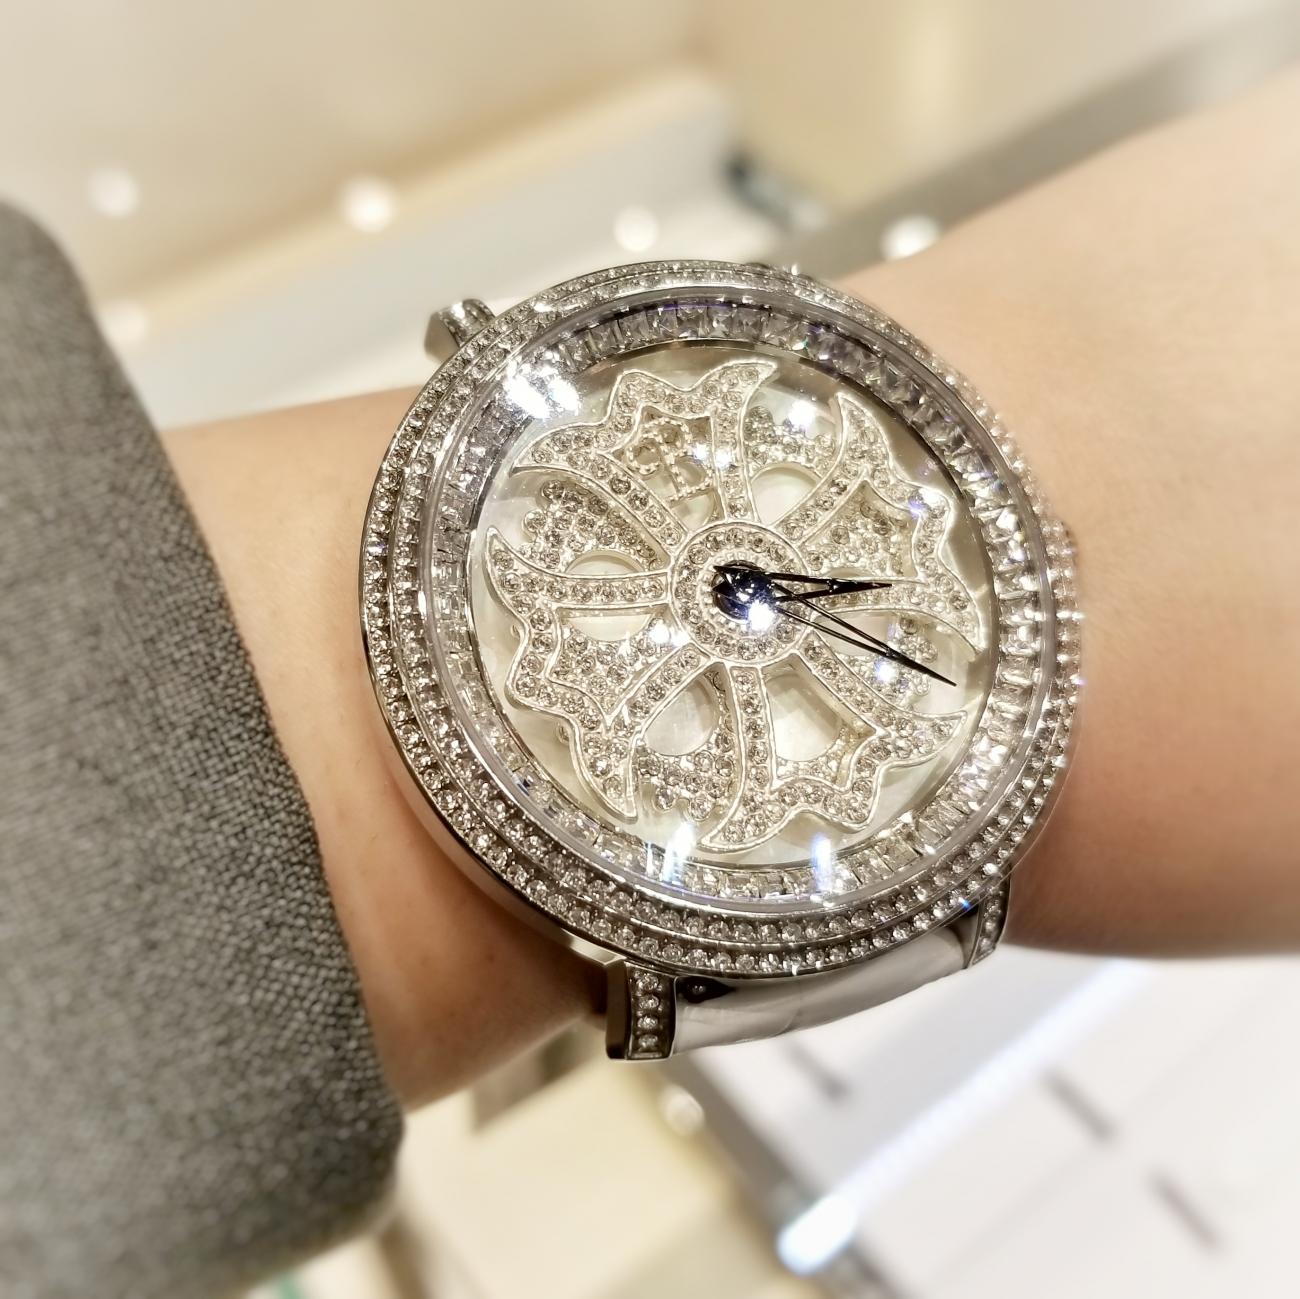 圭能人御用達!人気!パーティーシーズンにおすすめブリラミコBRILLAMICO腕時計ペアウォッチきらきらくるくるぐるぐる時計